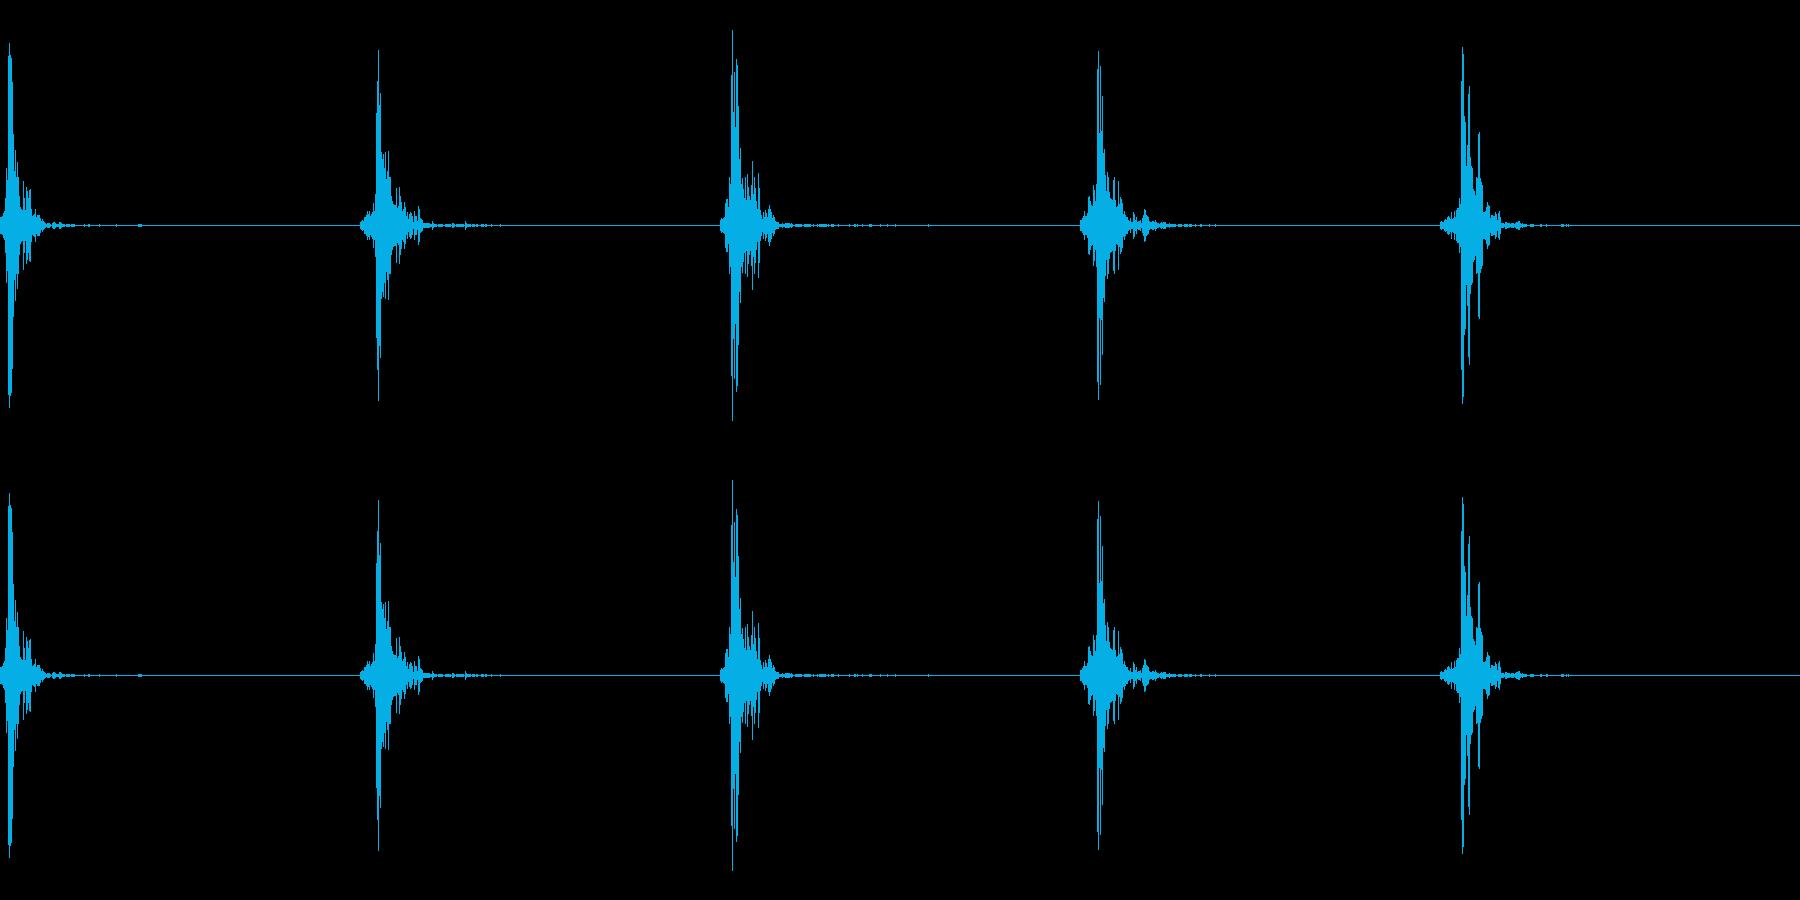 神楽鈴(小)を手に当てて鳴らした音の再生済みの波形